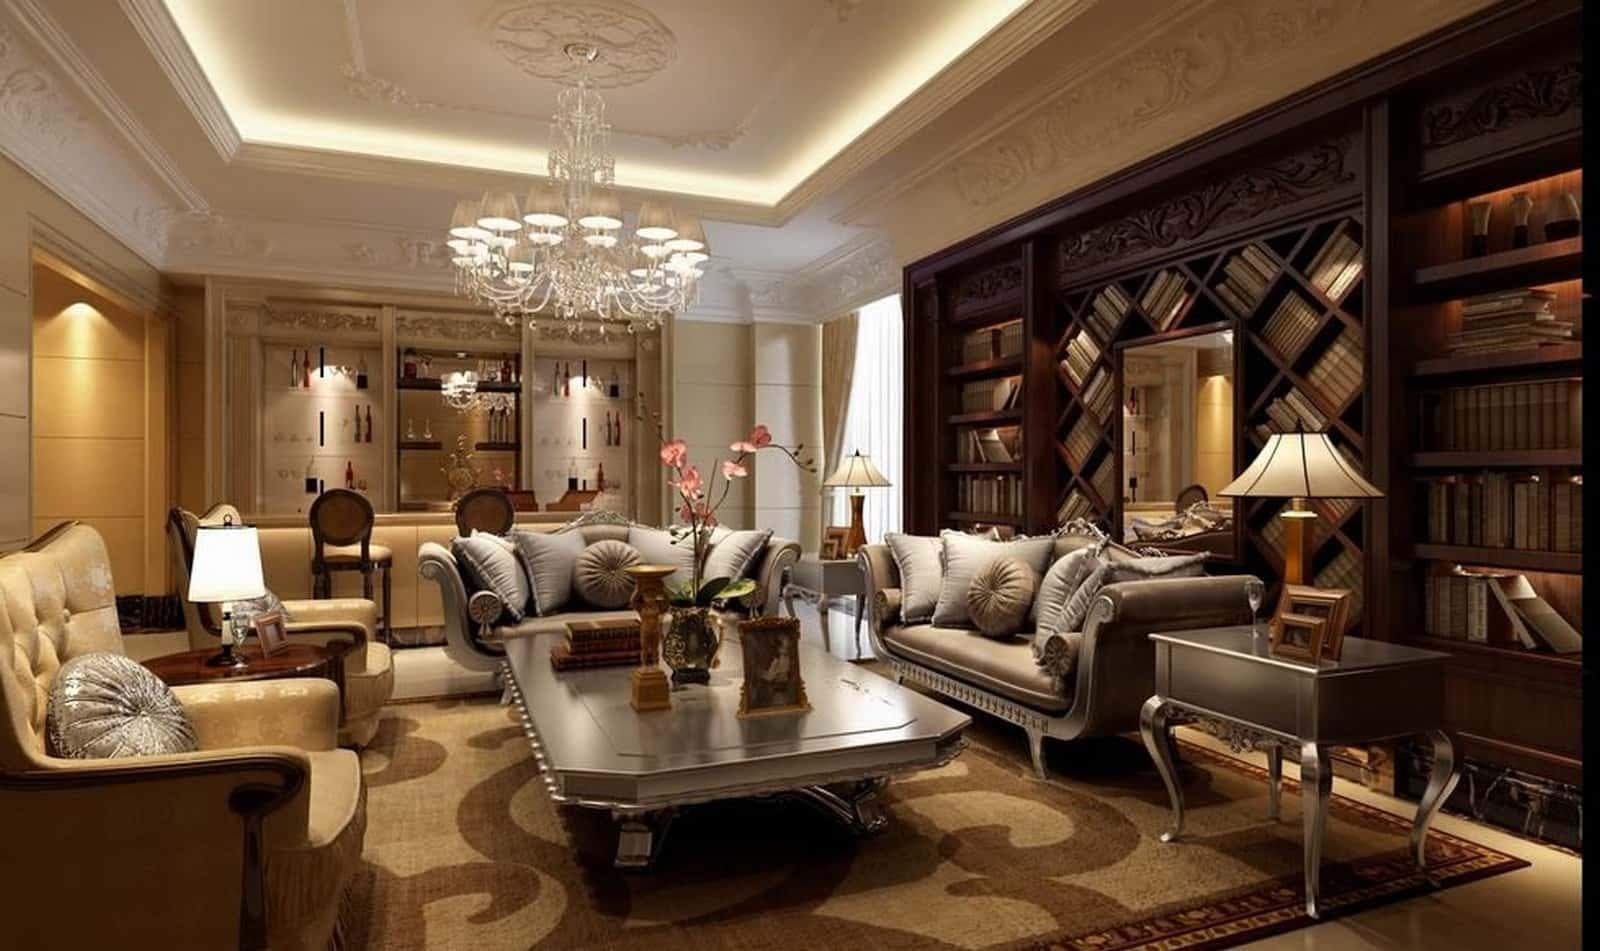 noi that phong khach co dien 2 - Thiết kế nội thất phòng khách - 4 bước đơn giản tạo nên không gian đẹp